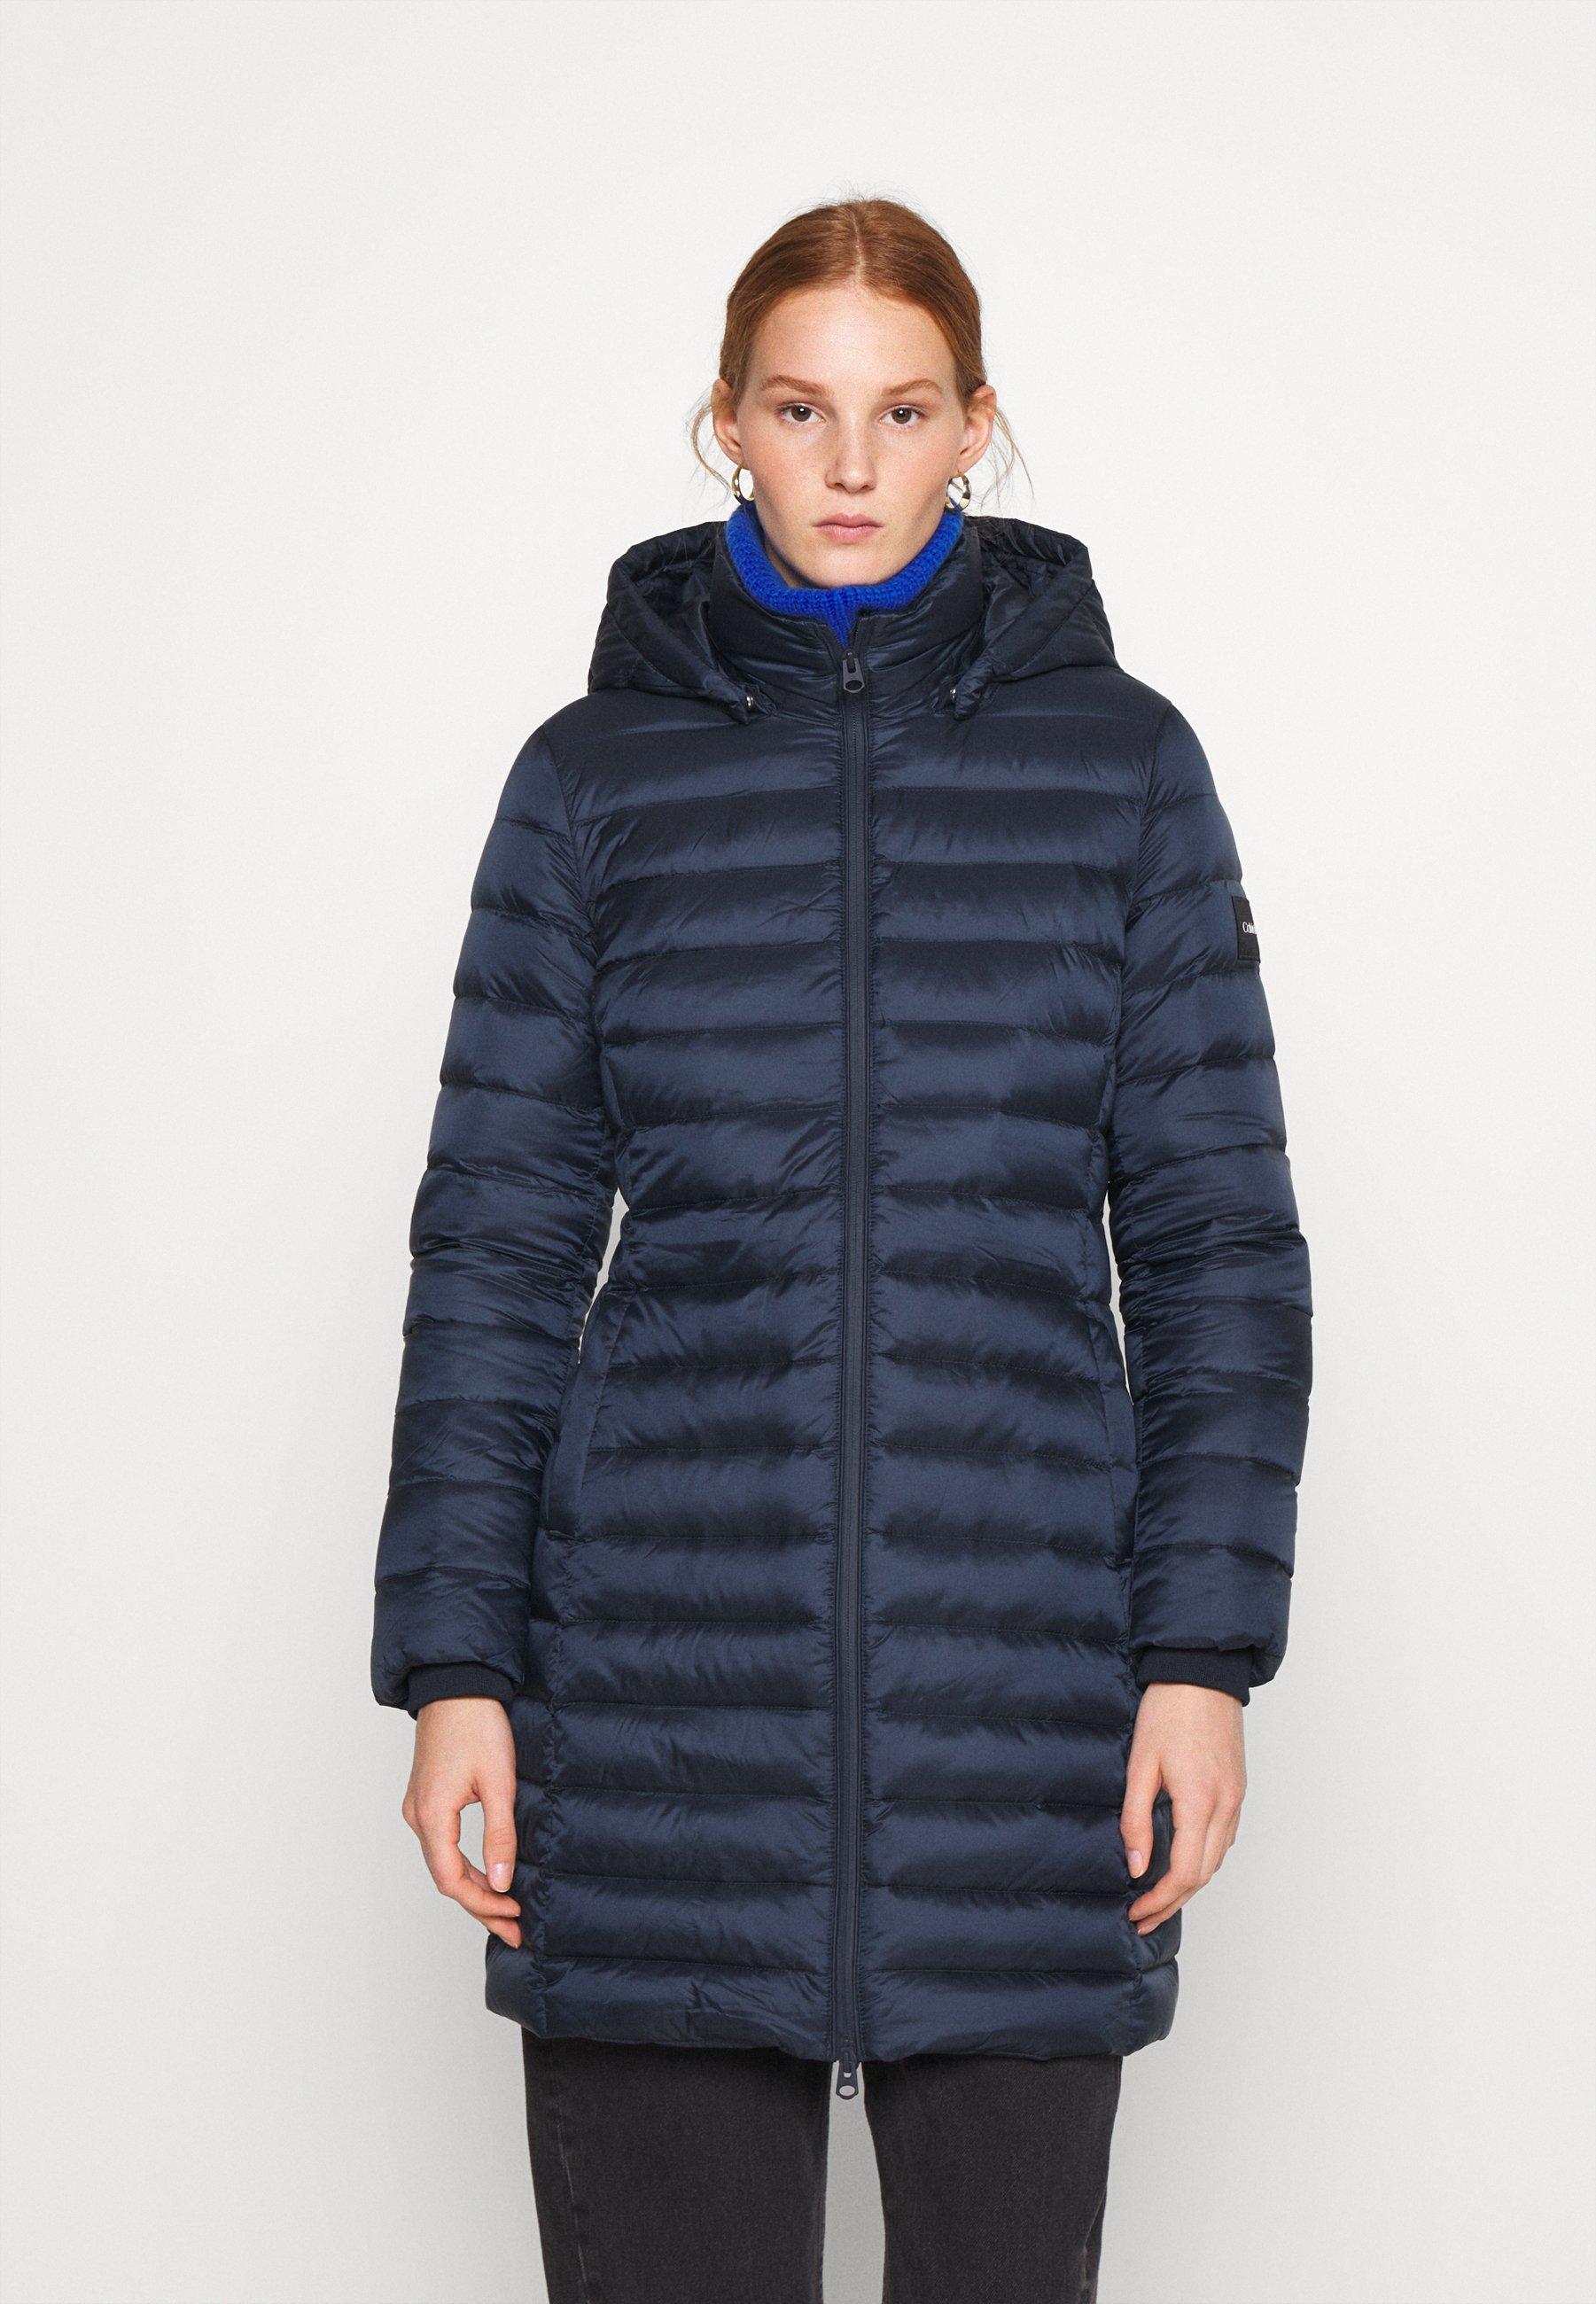 Bulk Designs New Styles Women's Clothing Calvin Klein COATED ZIP LIGHT COAT Down coat navy vzJd1iGbj dawlJOgE8